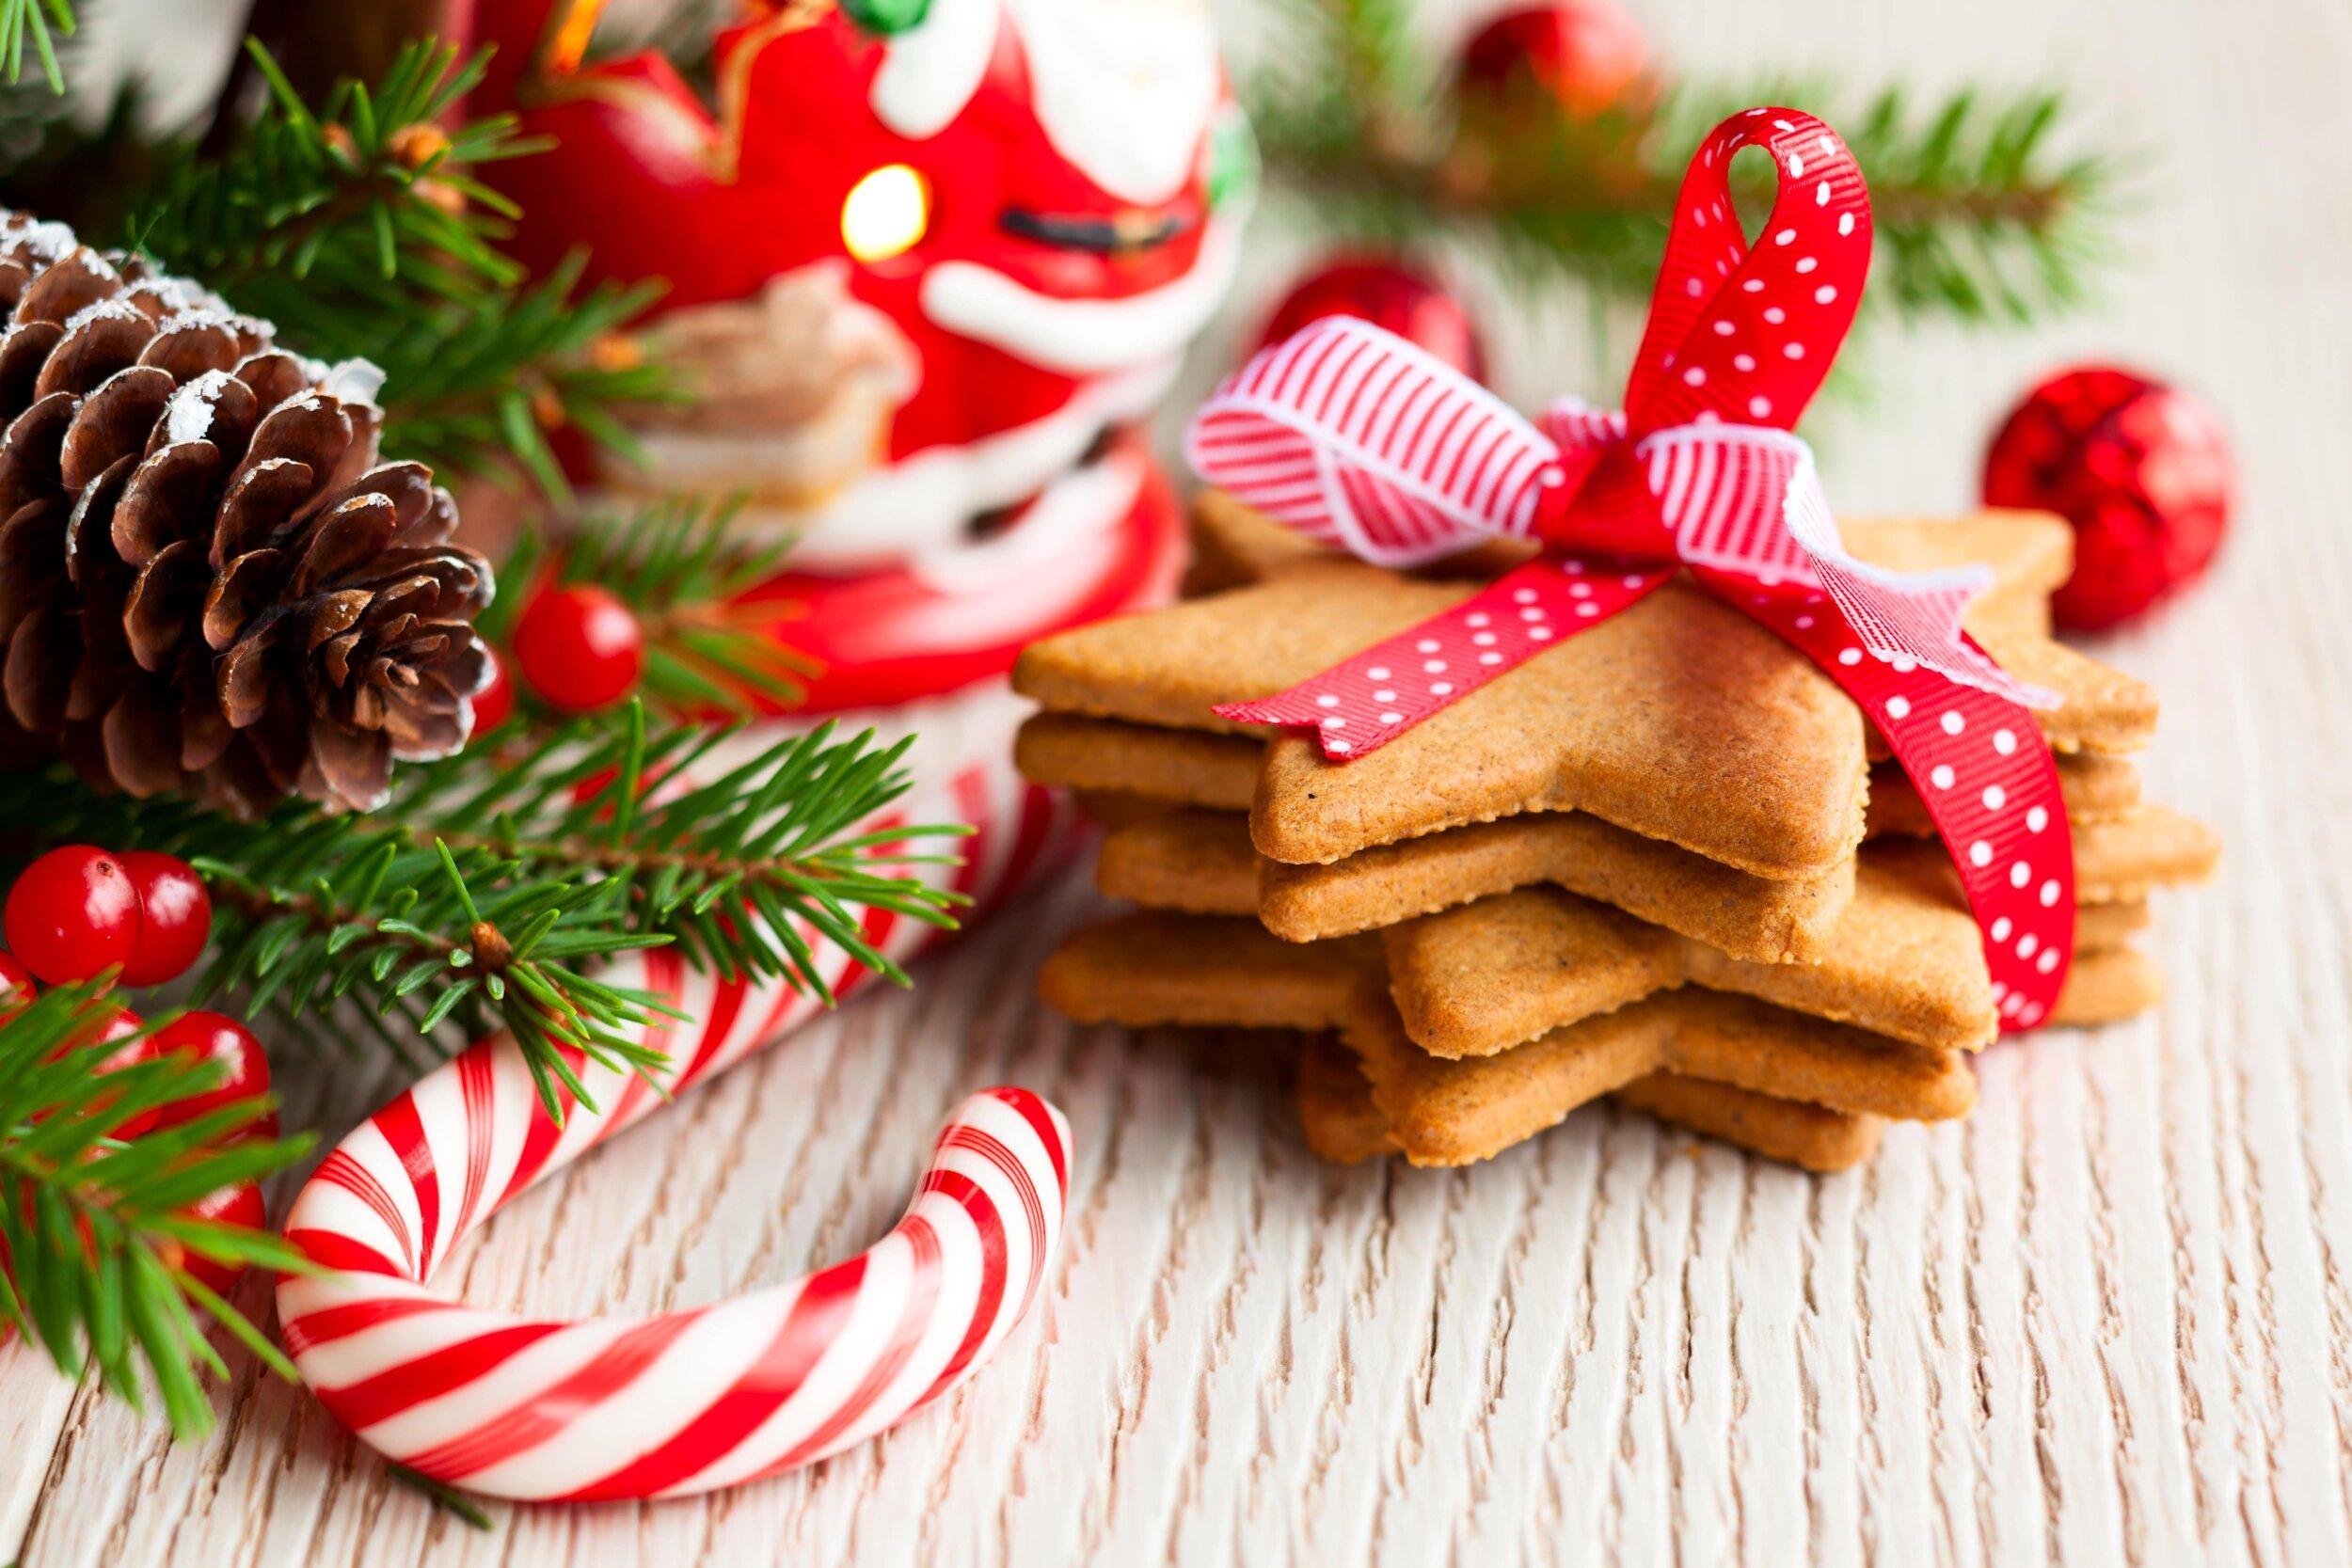 Christmas_Sweets_Cookies_460320-min.jpg